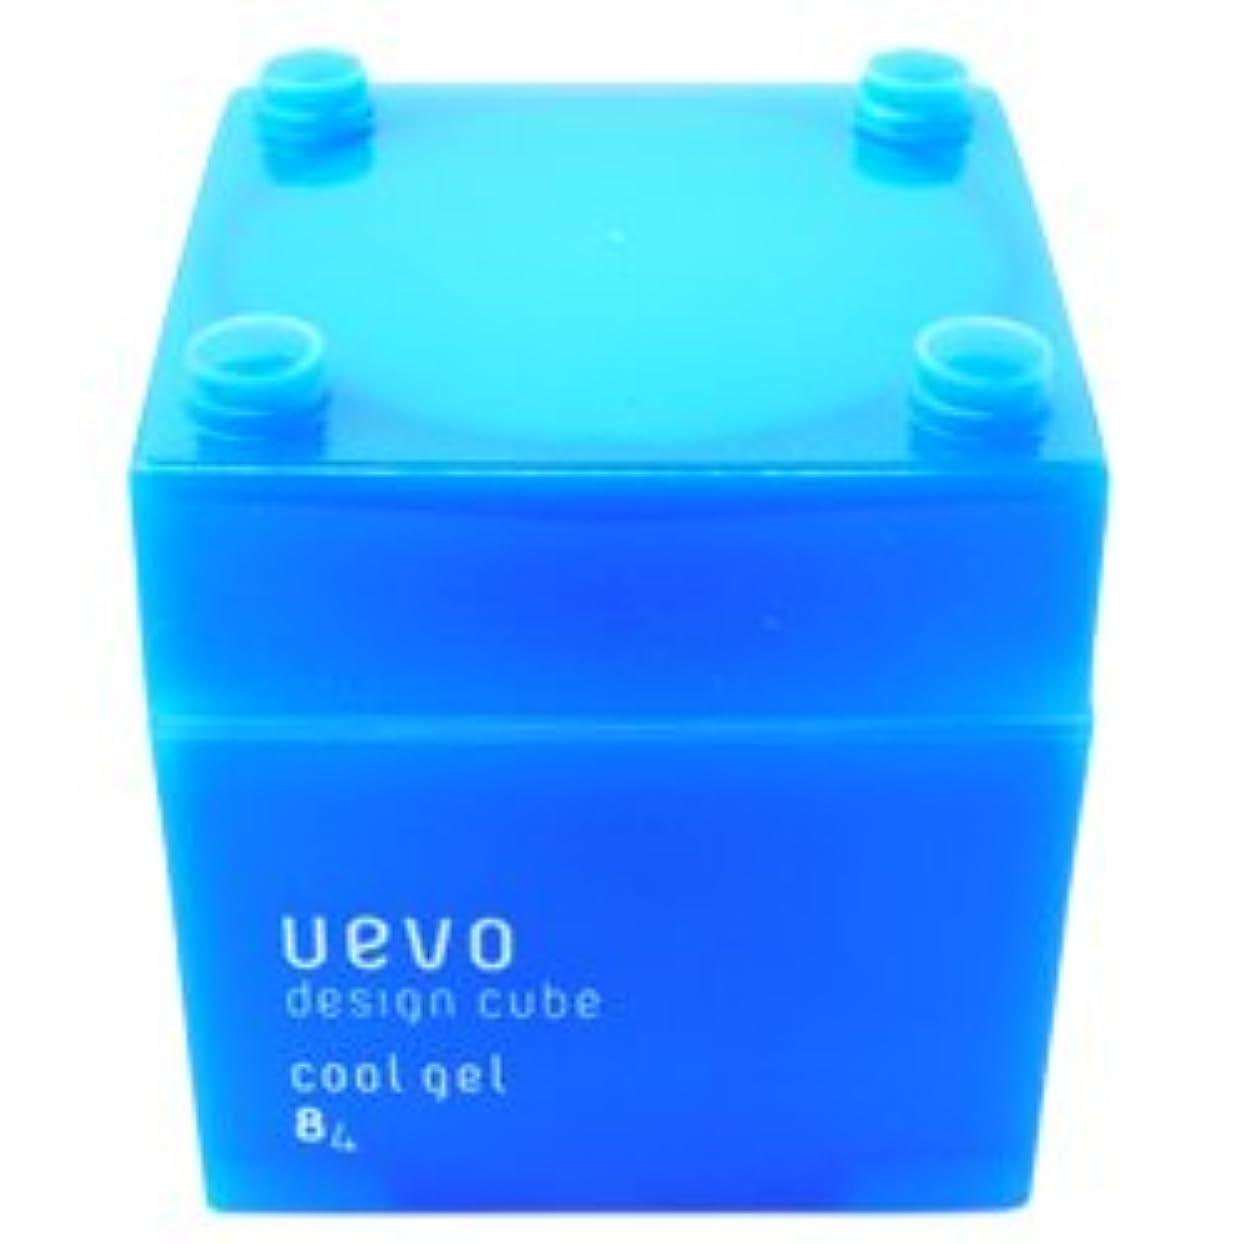 レルム契約する深さウェーボ デザインキューブ 80g ニュートラルワックス (在庫) [並行輸入品]